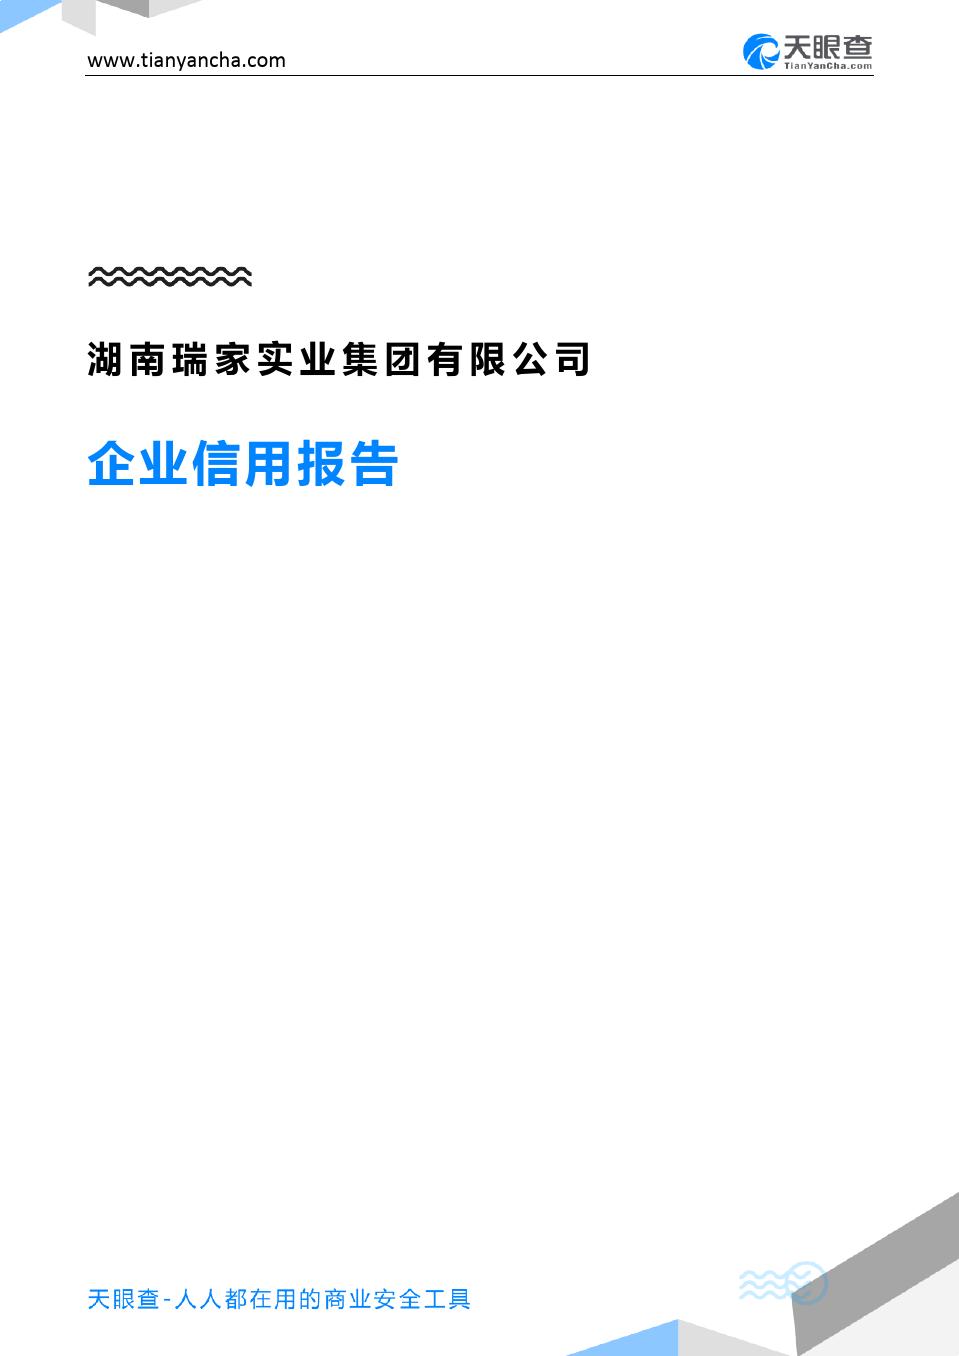 湖南瑞家实业集团有限公司(企业信用报告)- 天眼查